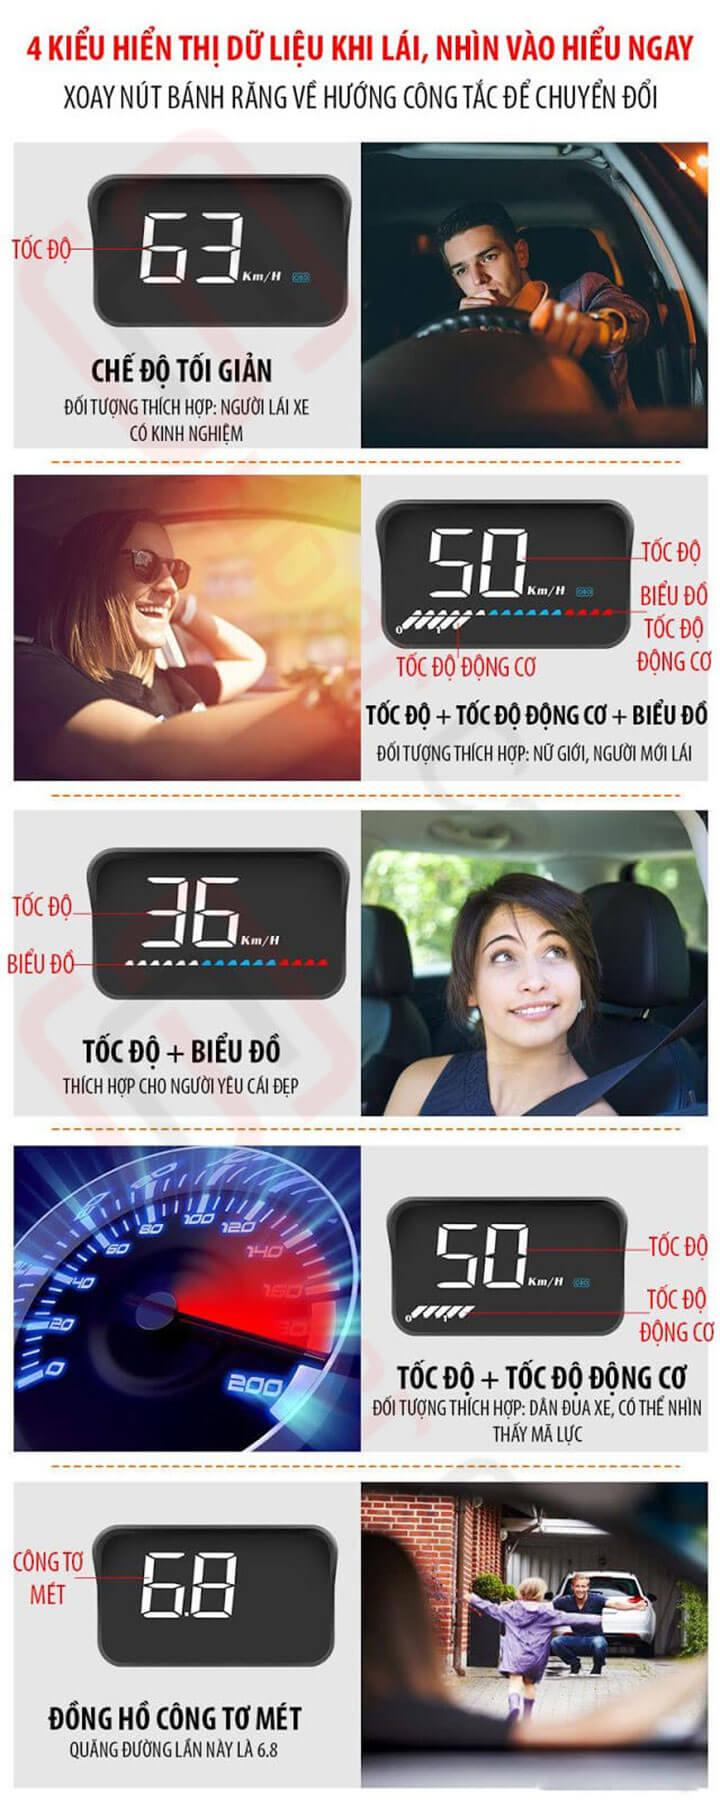 Hiển thị tốc độ HUD M7